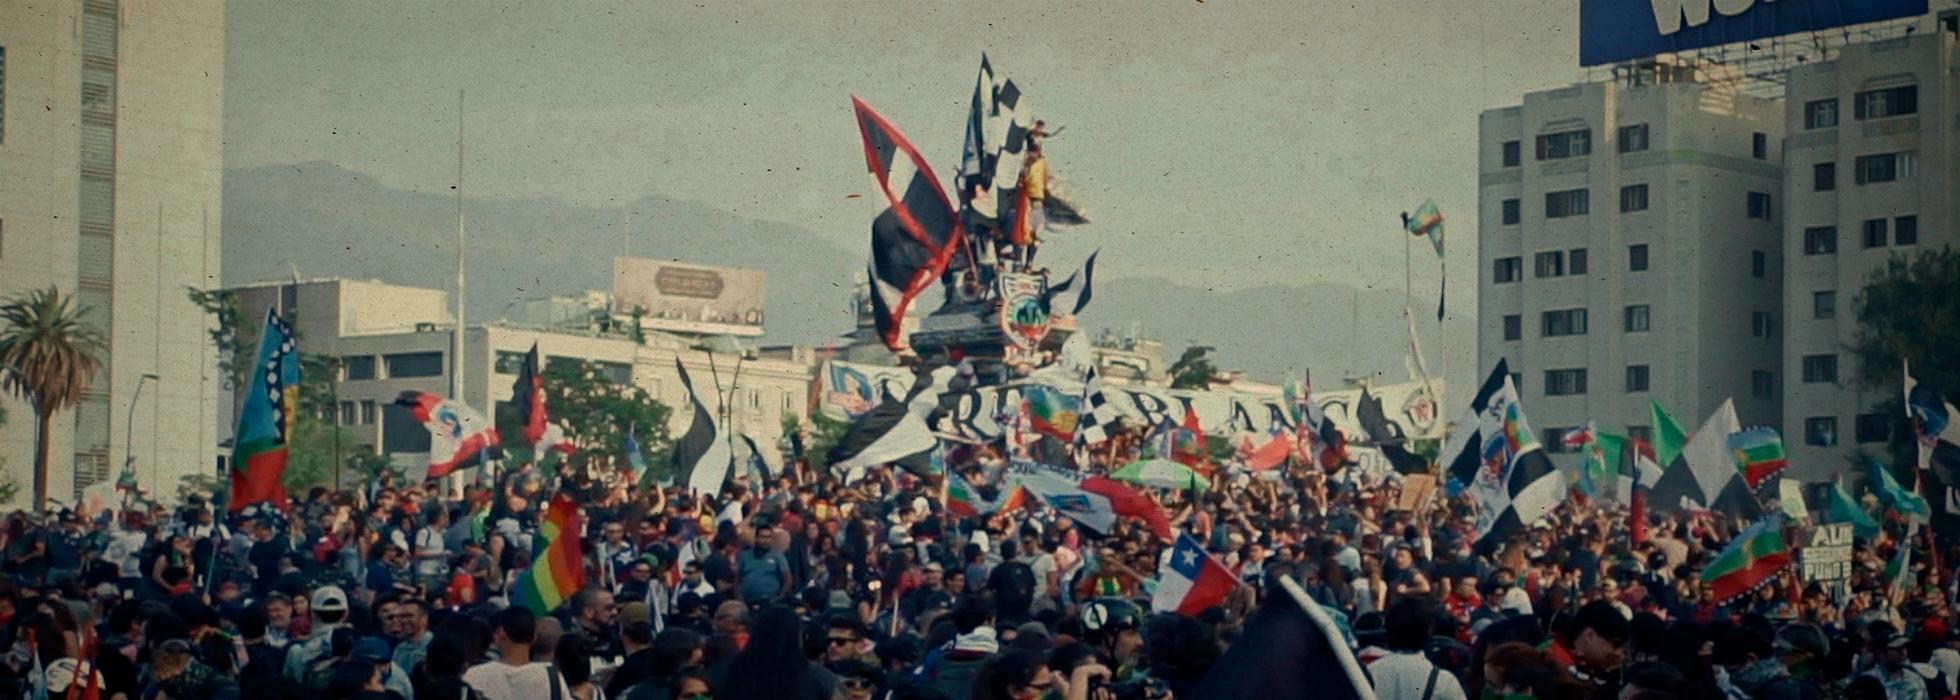 Gran movilización en Santiago de Chile sobre cierre de Cumbre de los Pueblos